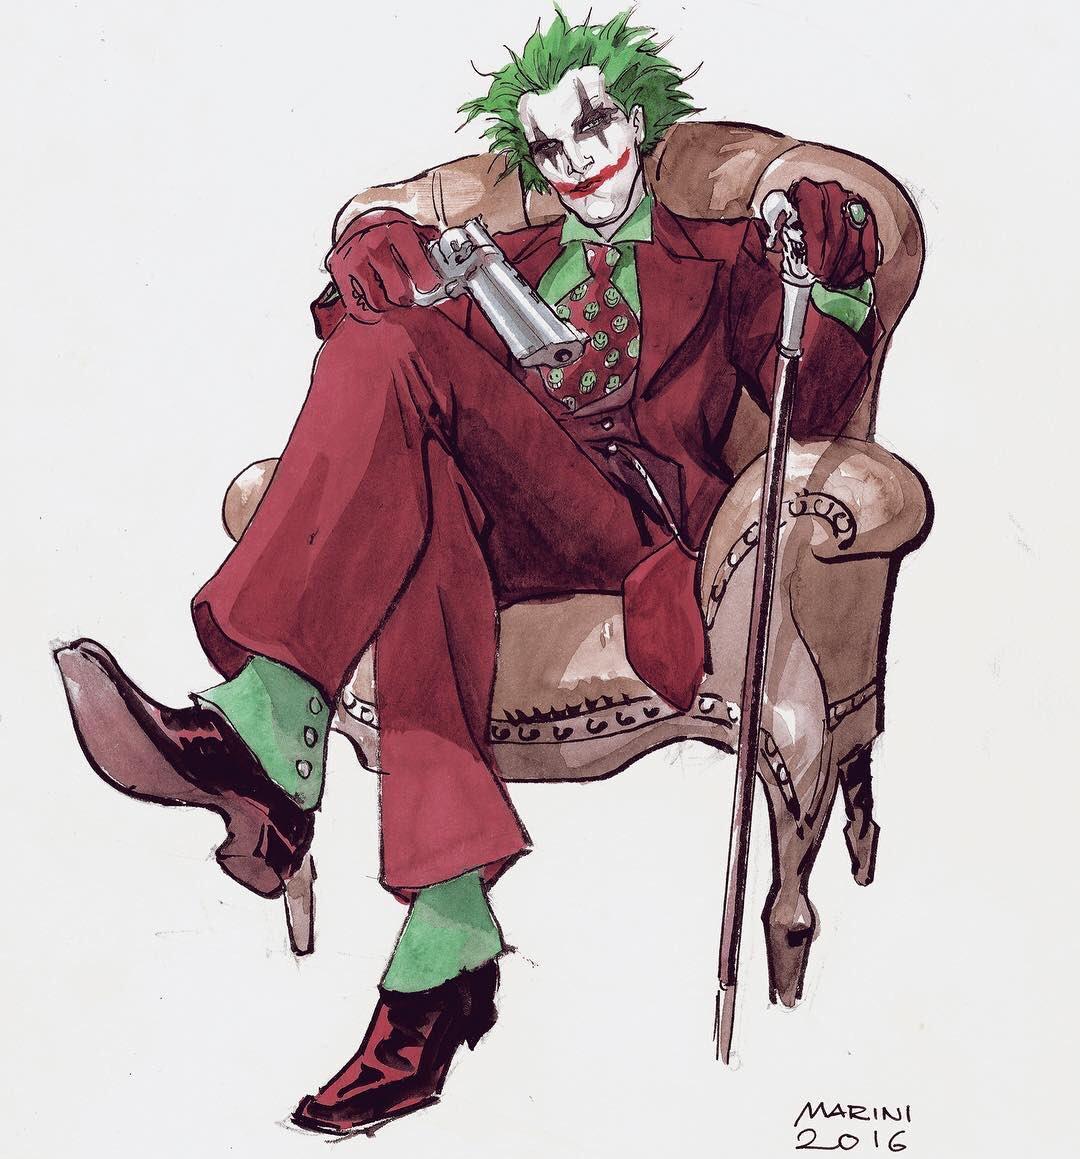 Enrico Marini On Twitter Joker Early Concept Art For The